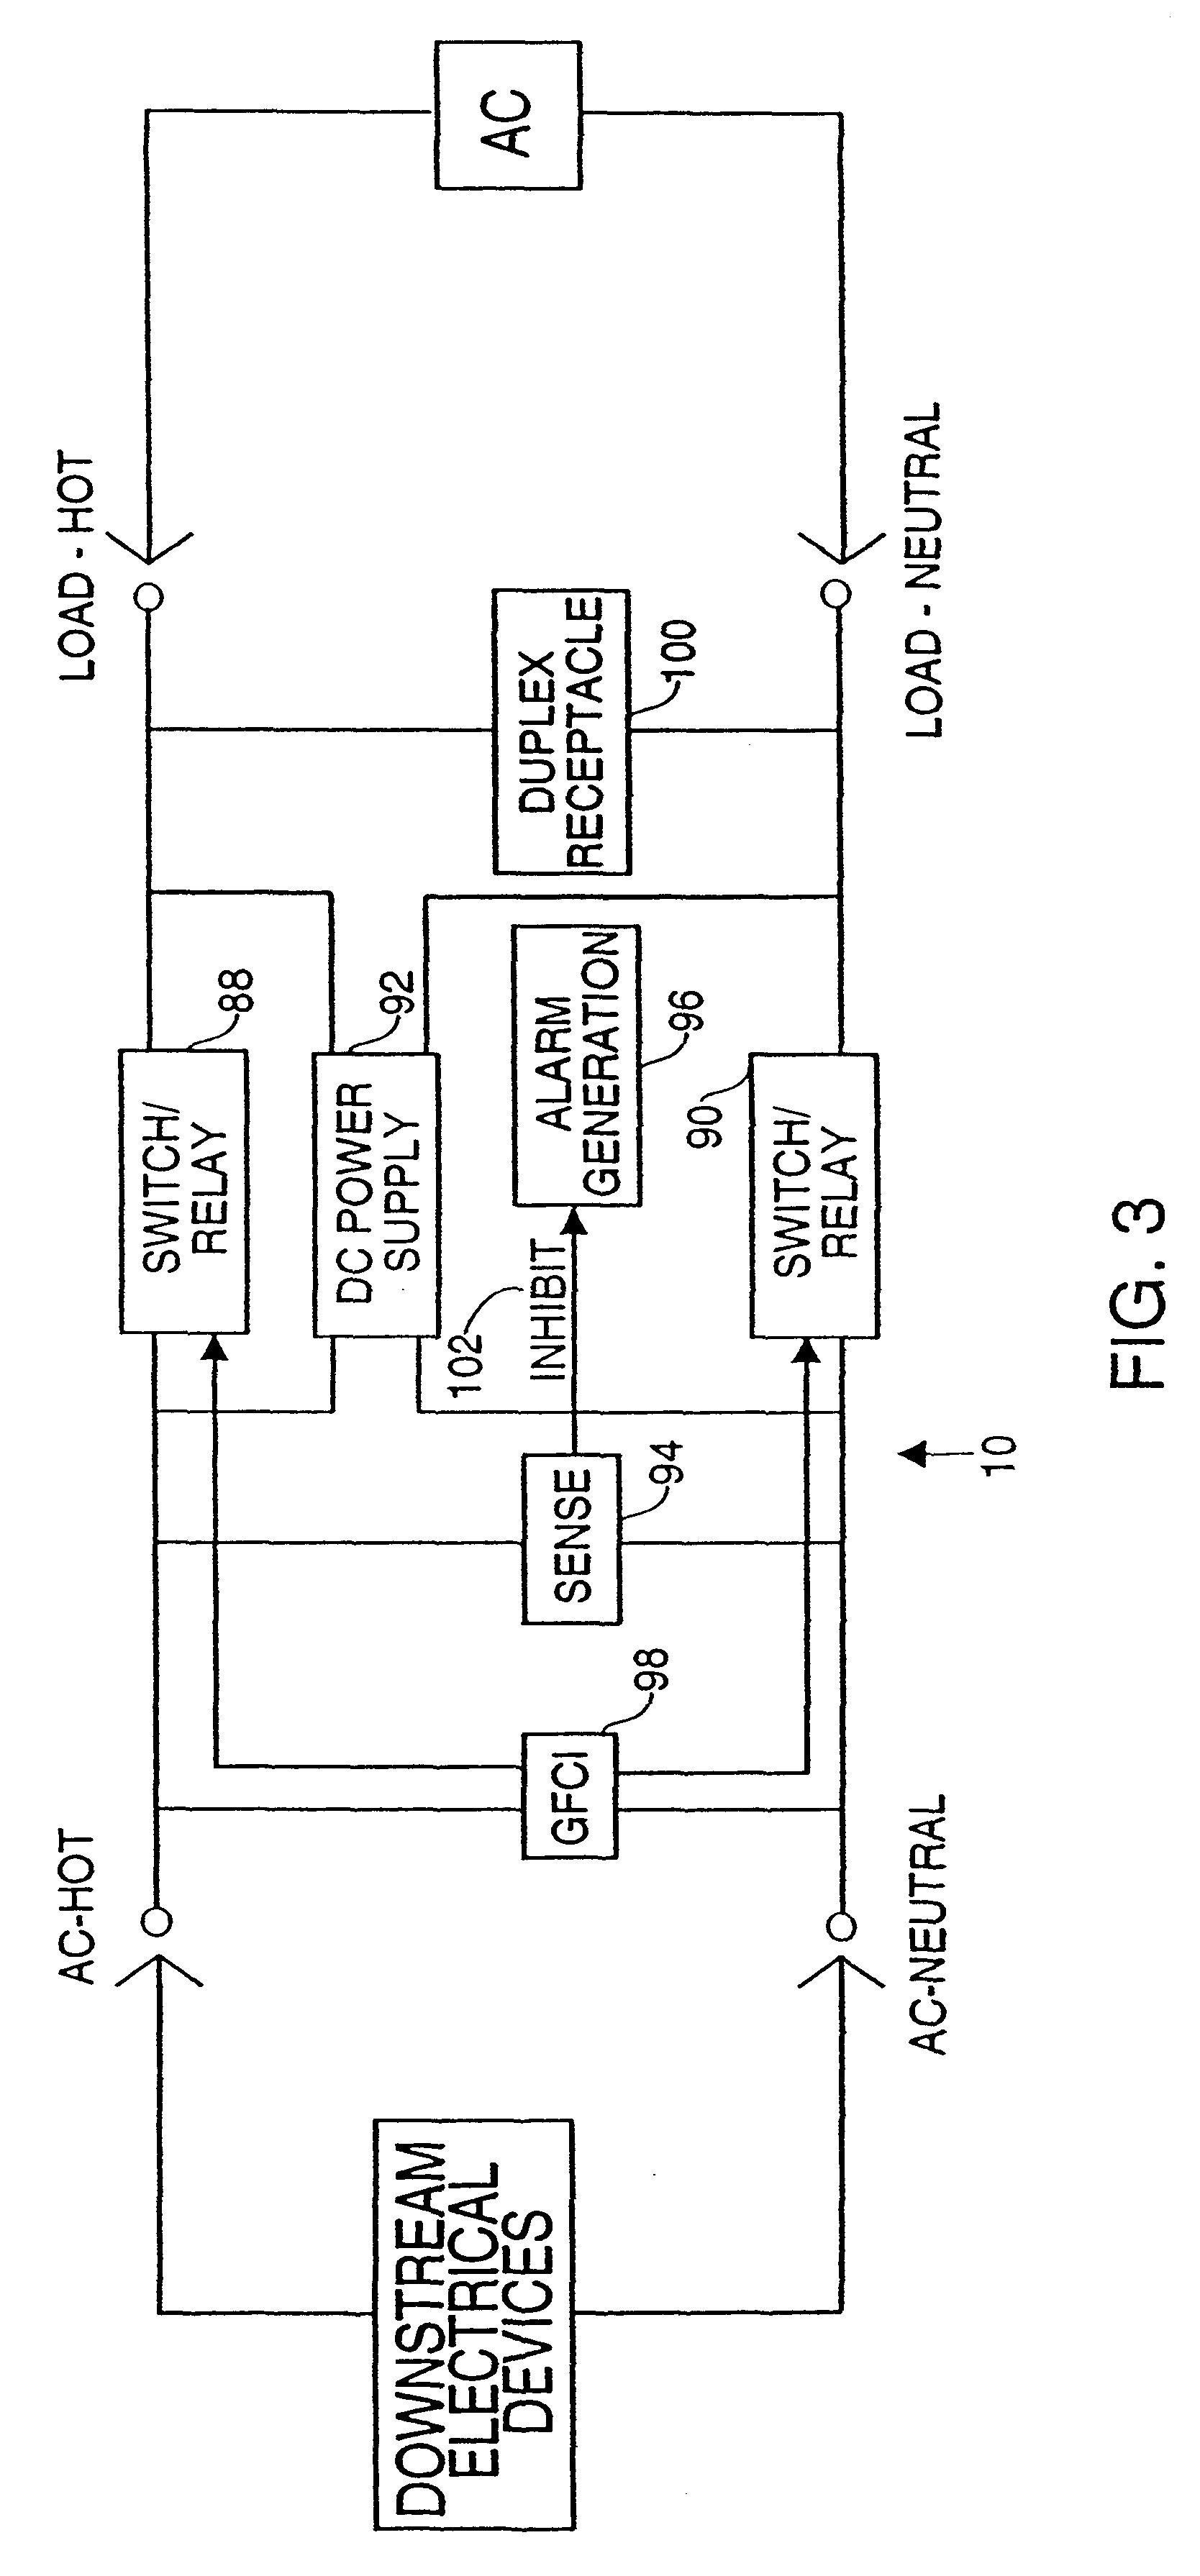 patent us6611406